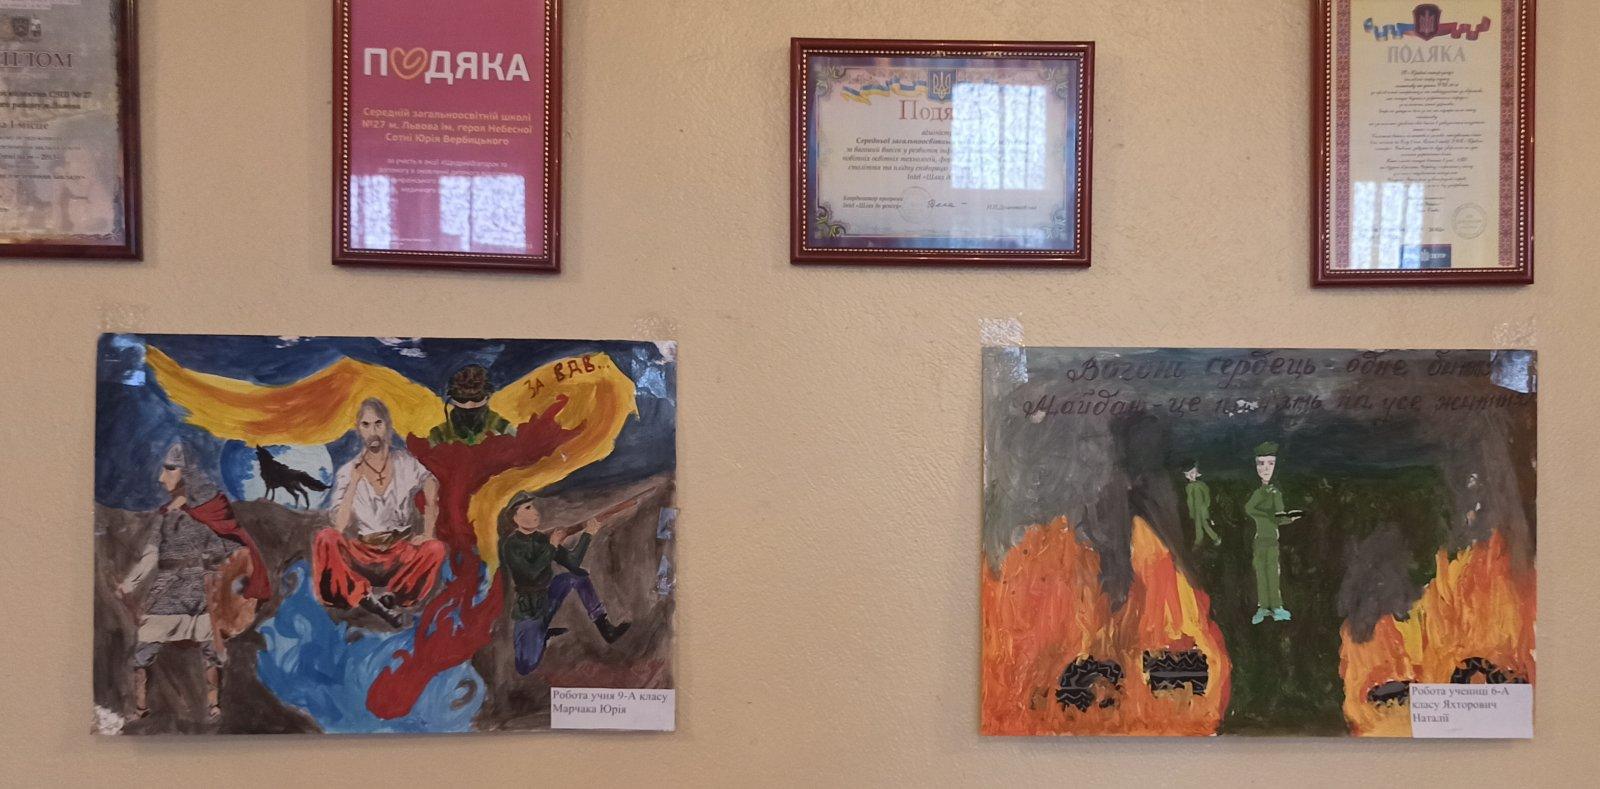 Вшанування ювілеїв видатних діячів Національно – визвольних змагань українського народу.